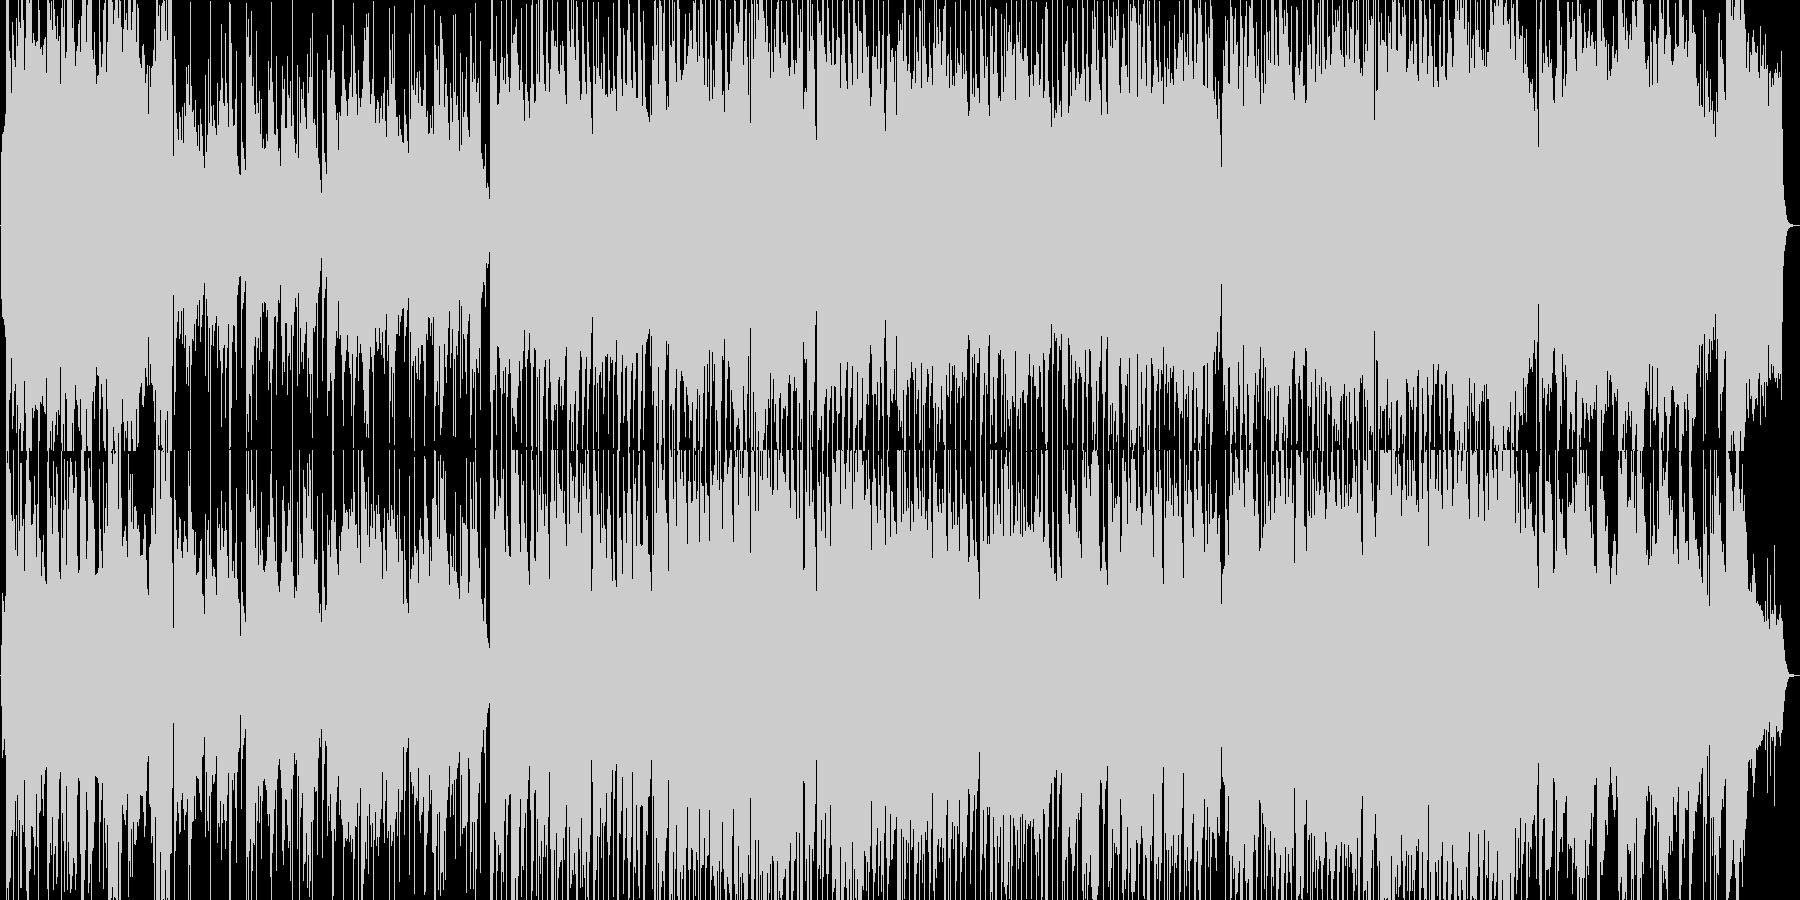 ジャジーな雰囲気のビッグバンド風ブルースの未再生の波形